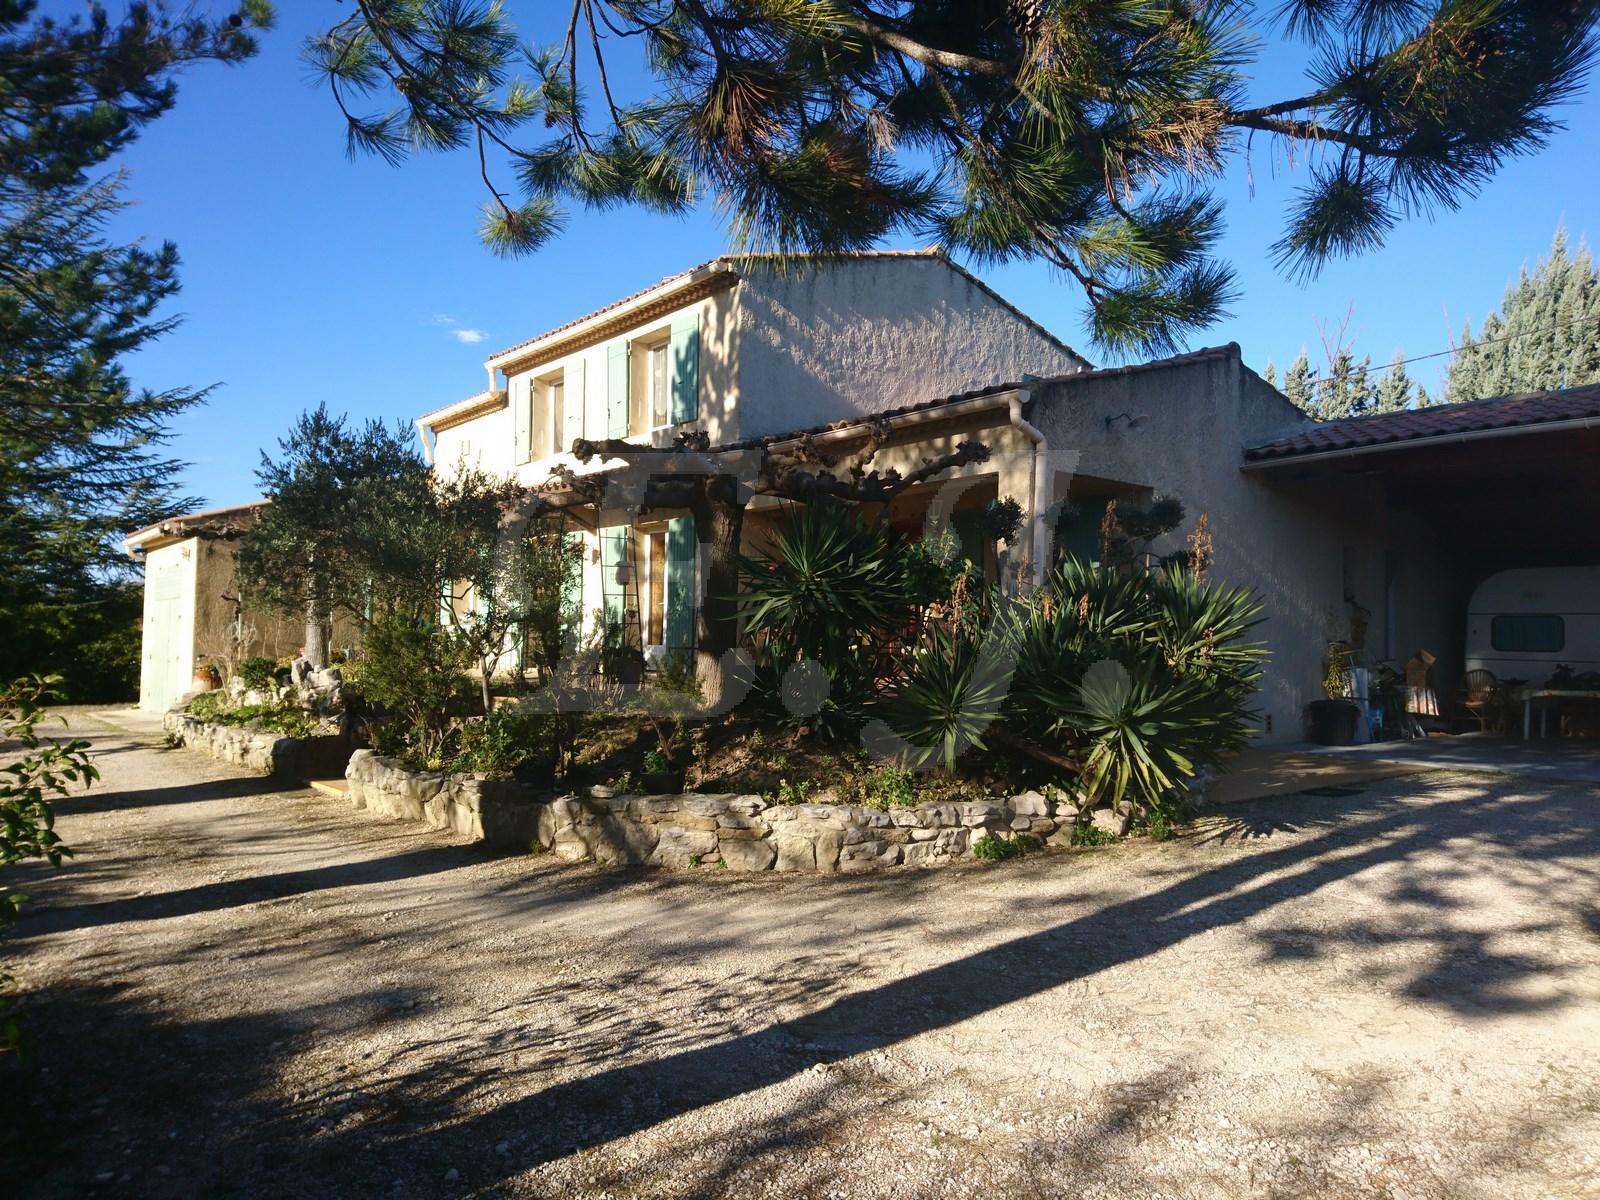 Maison  Cabrieres d'Avignon 7 pièces avec garage , abri voiture et grand terrain clos et arboré